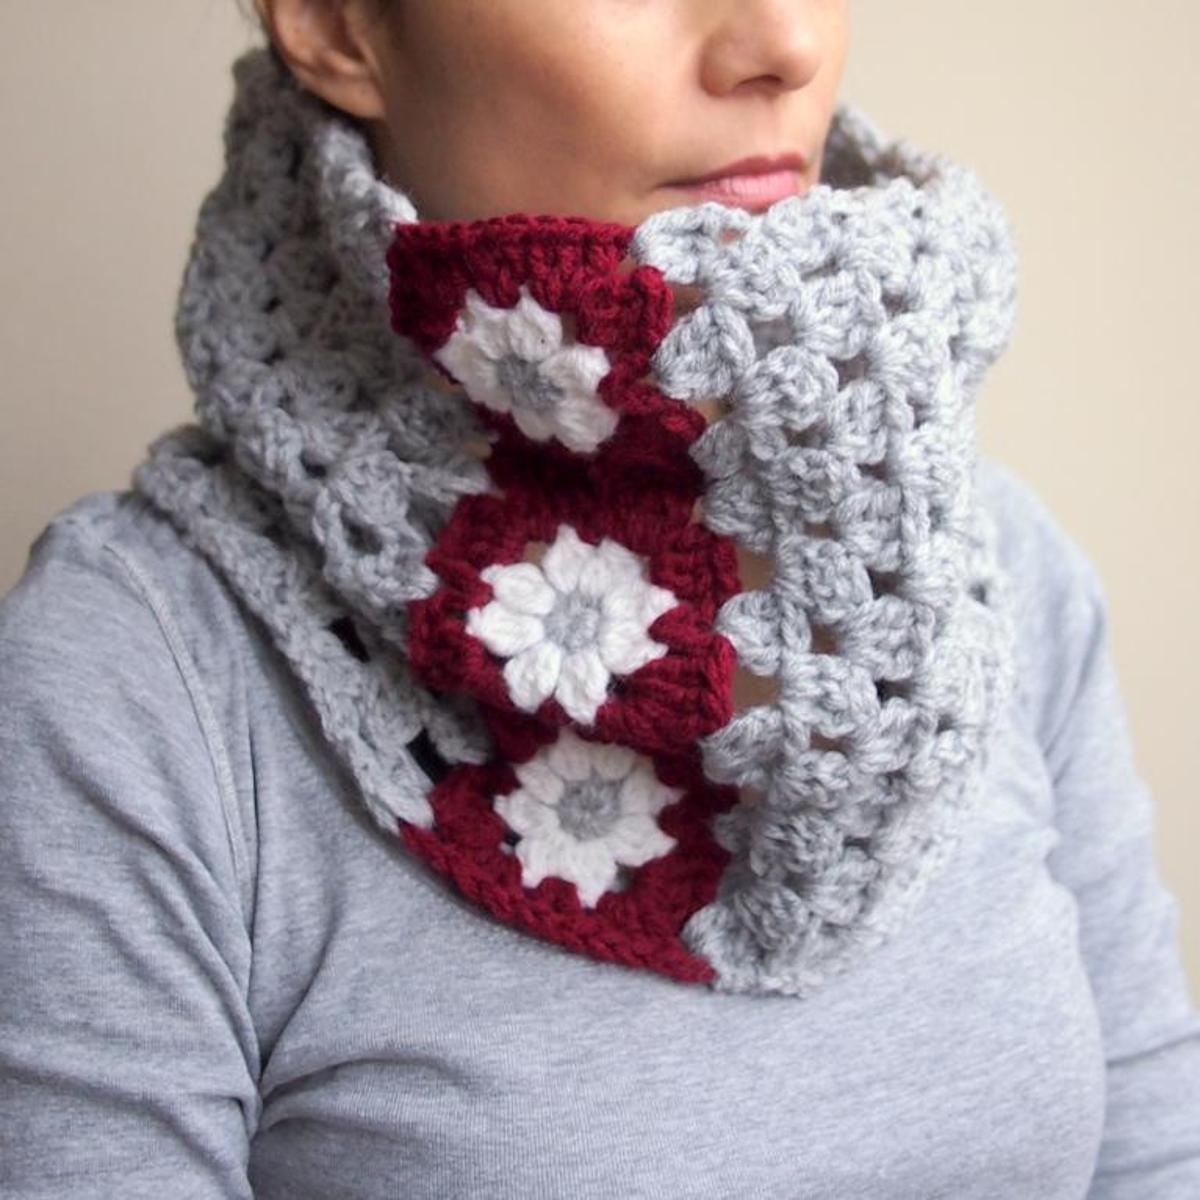 granny squares flower crochet neckwarmer pattern